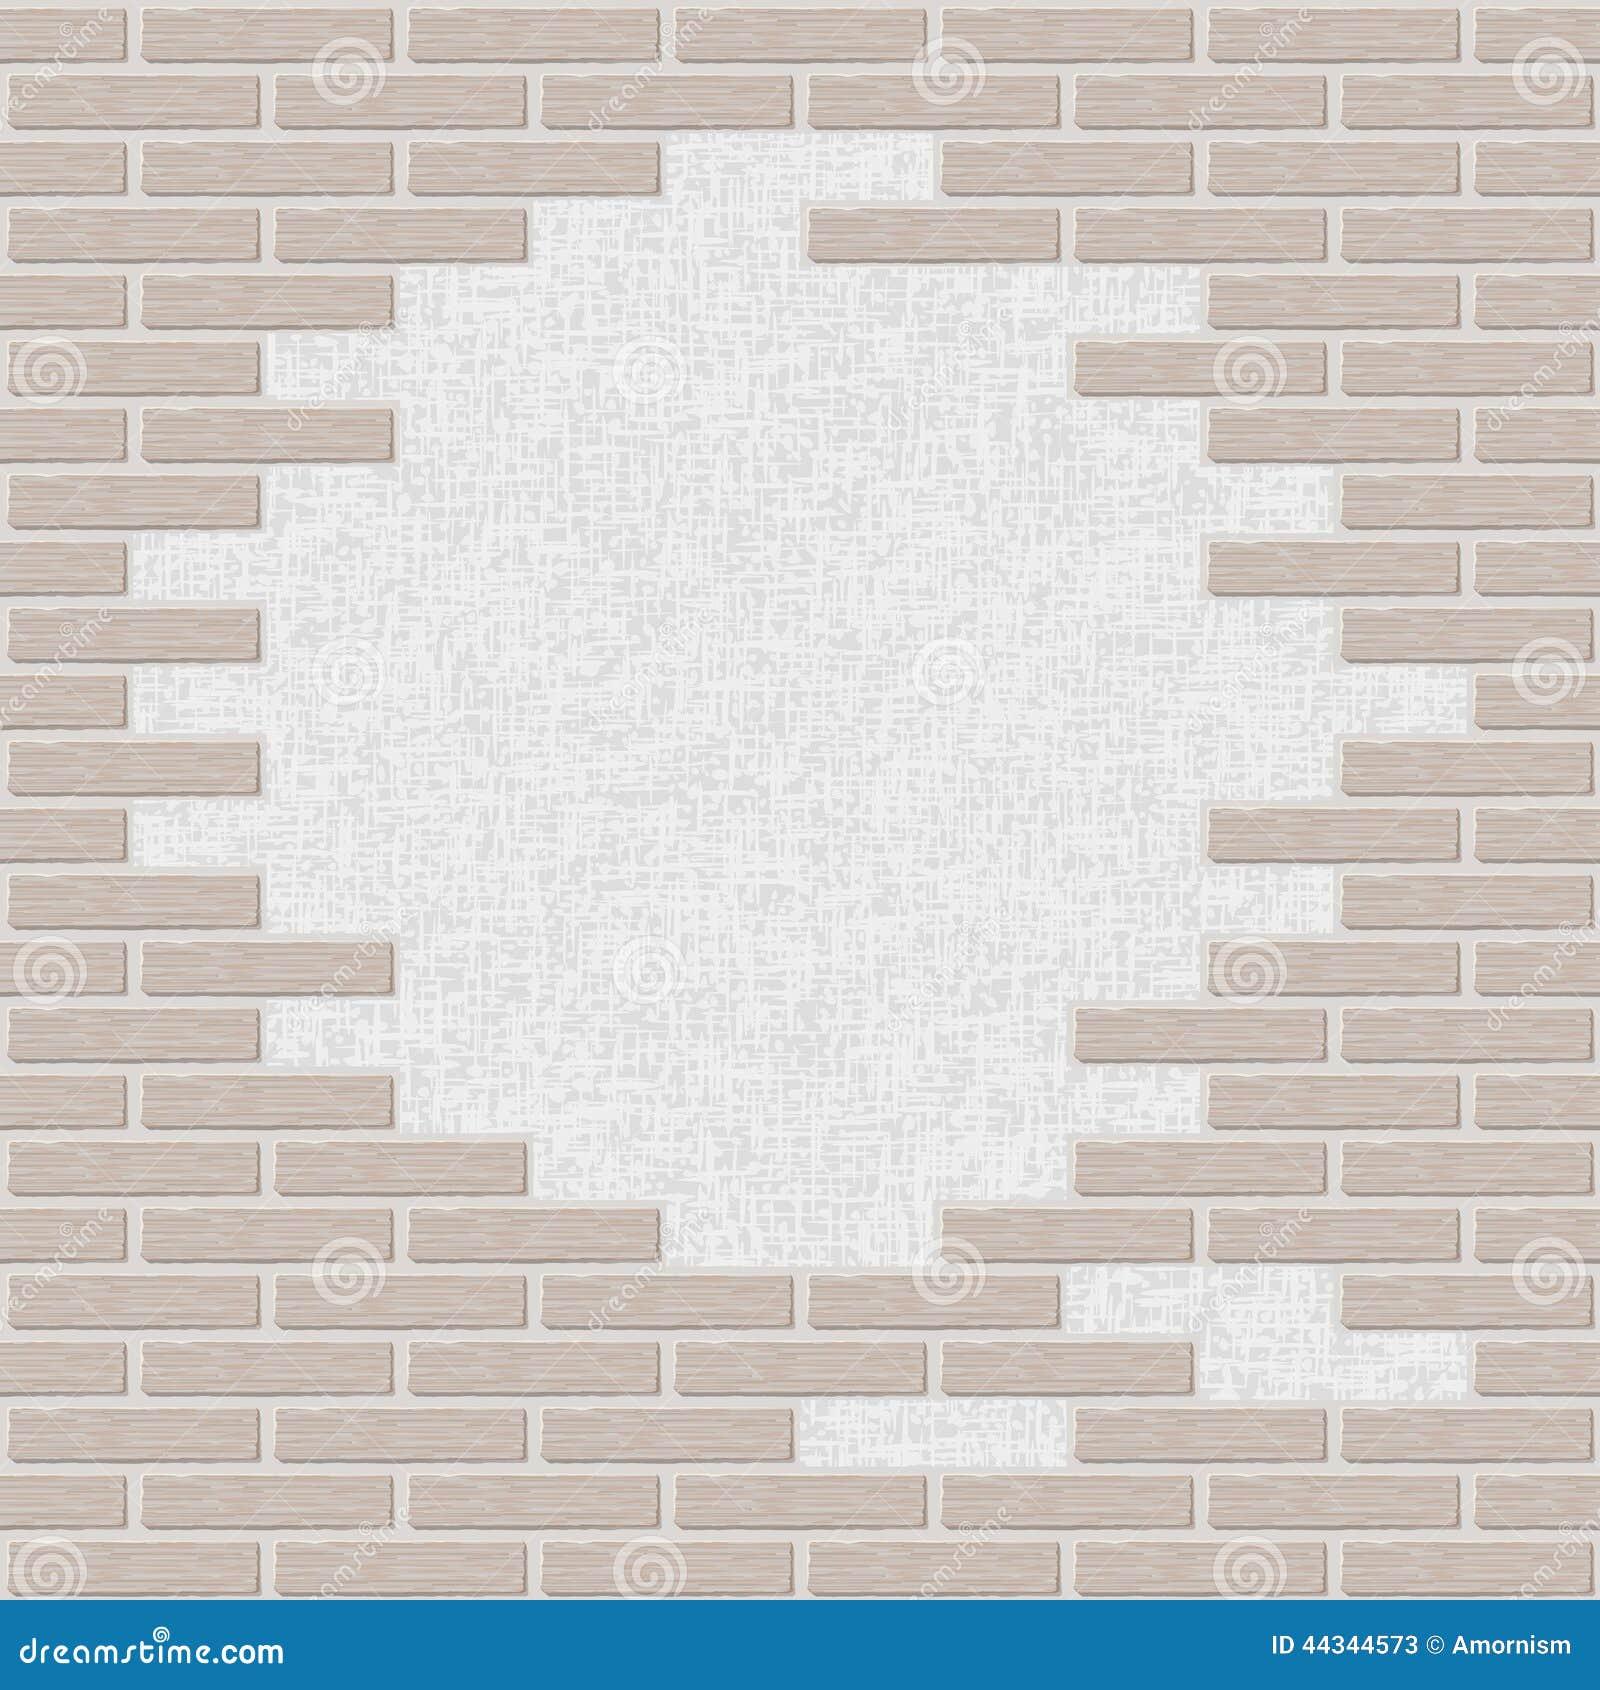 Broken Brick Wall Background Stock Vector Illustration Of